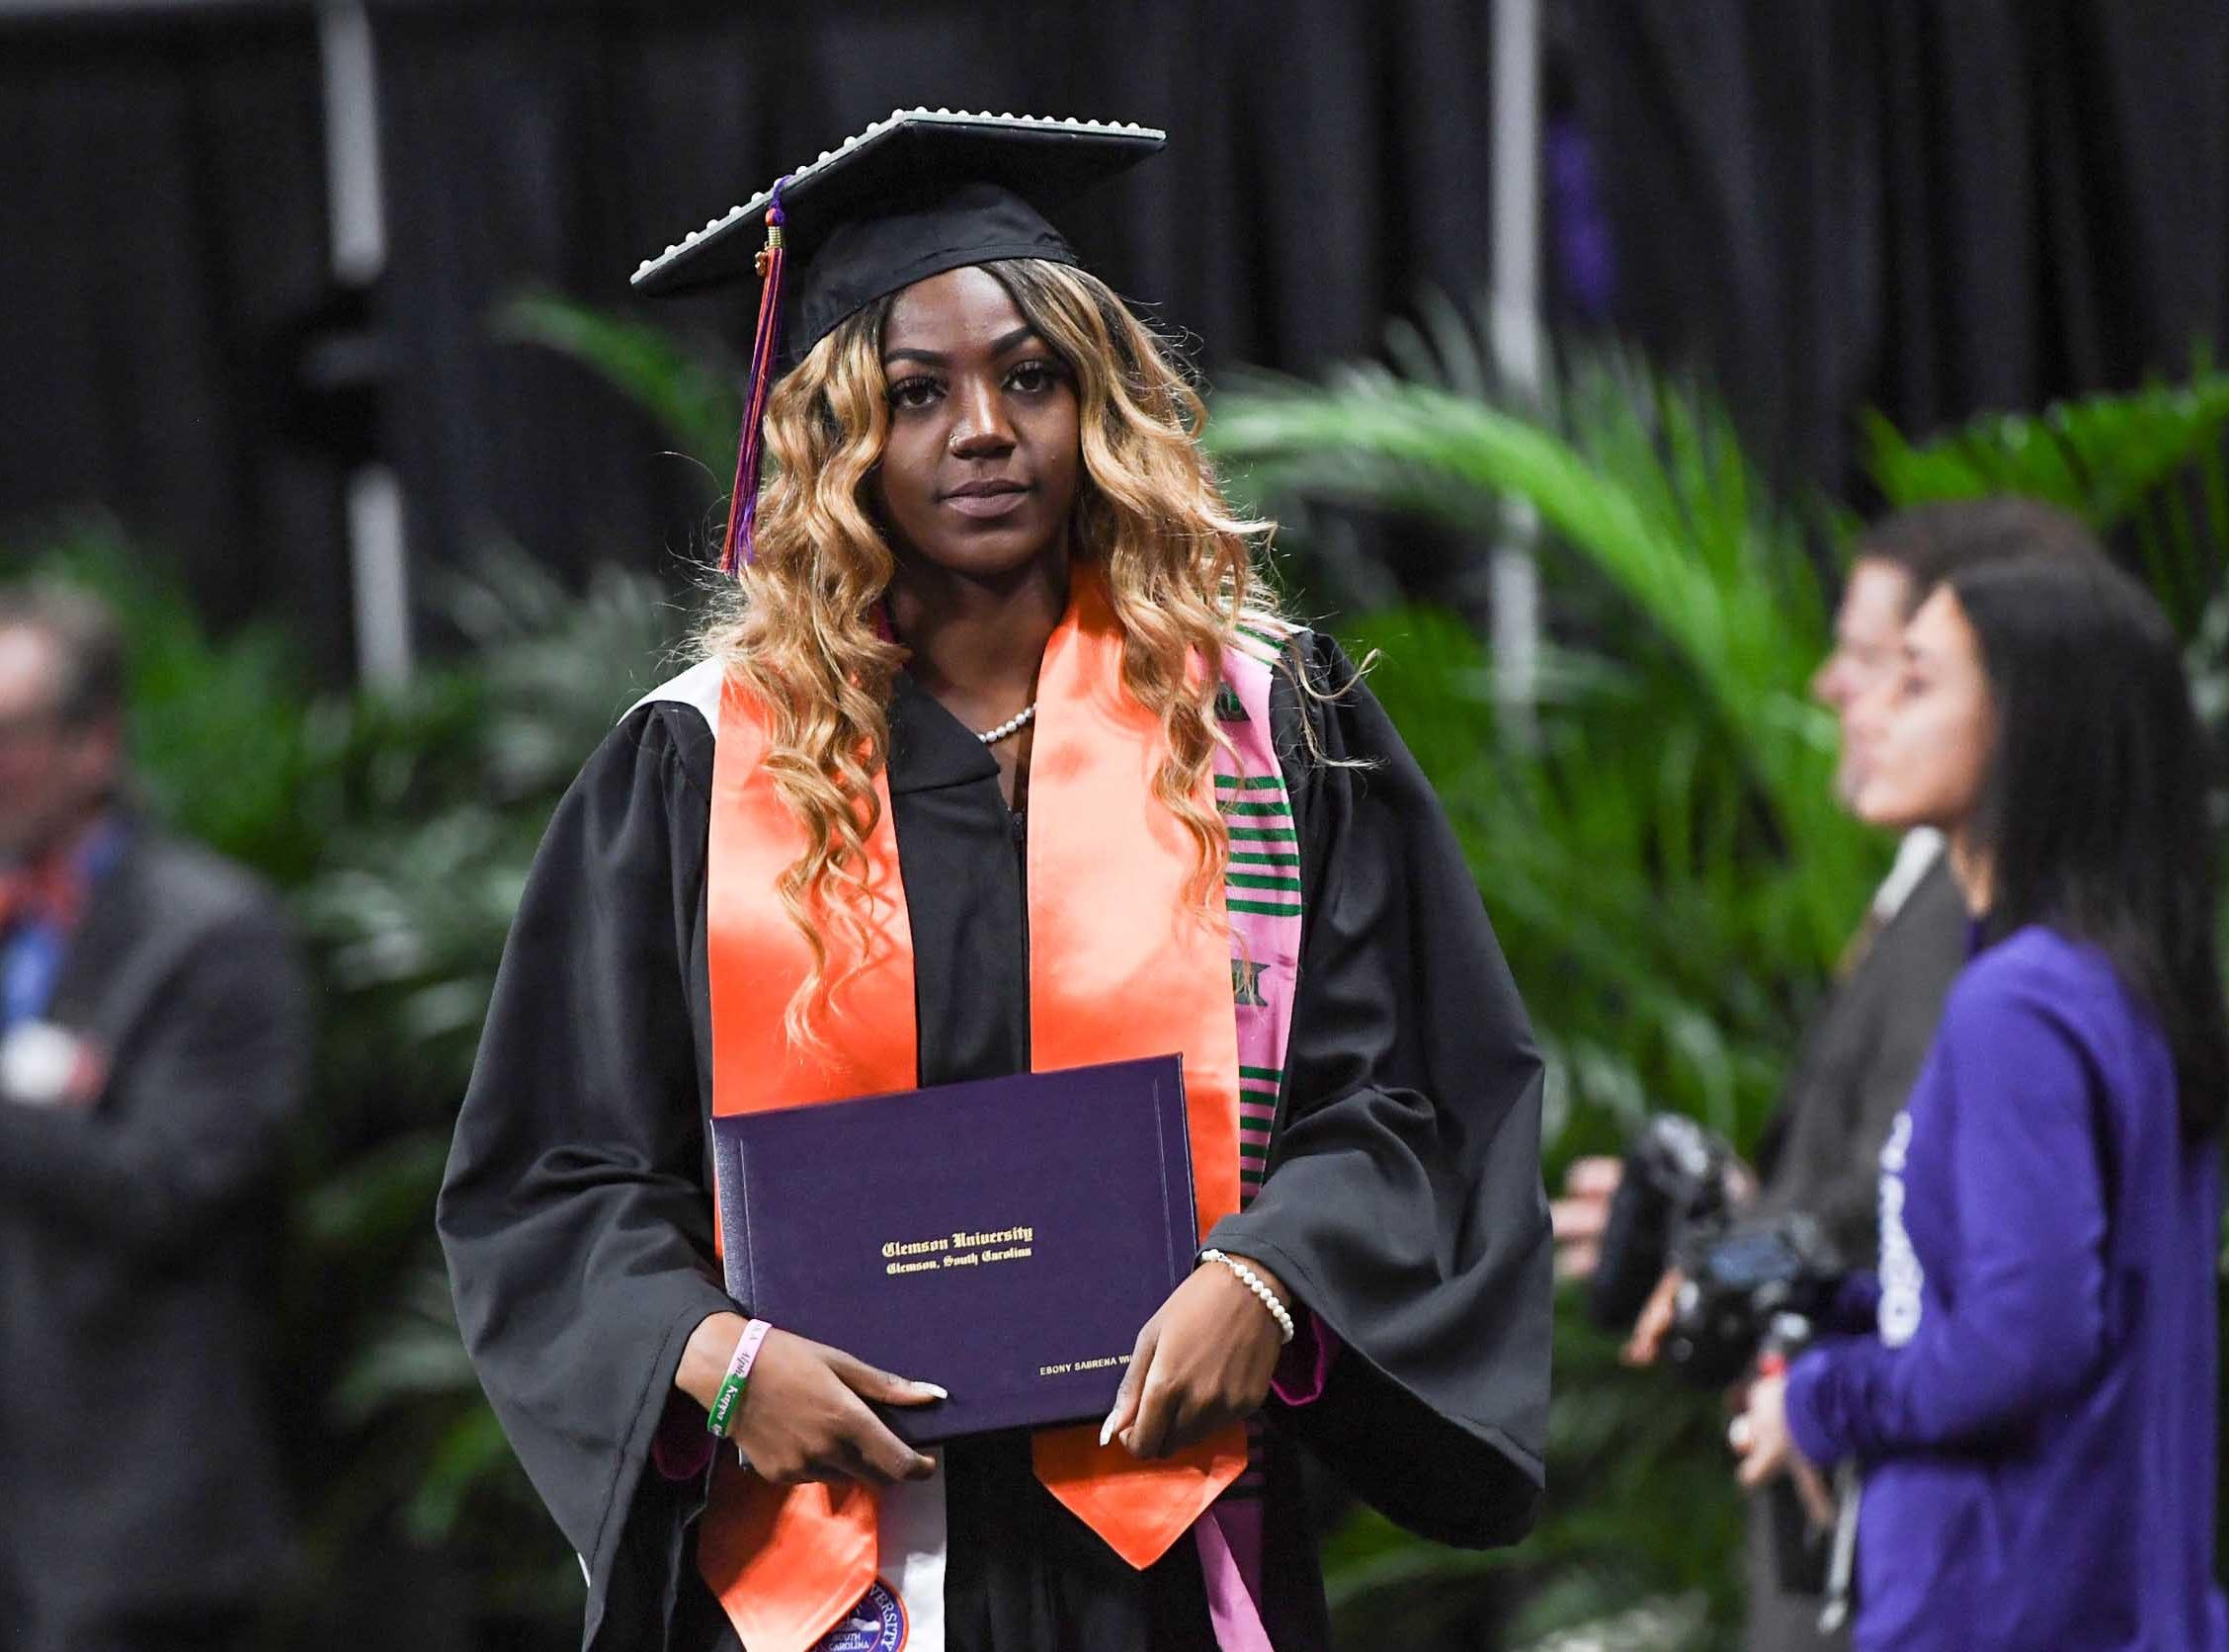 Ebony Williams during Clemson University graduation ceremony Thursday morning in Littlejohn Coliseum in Clemson.